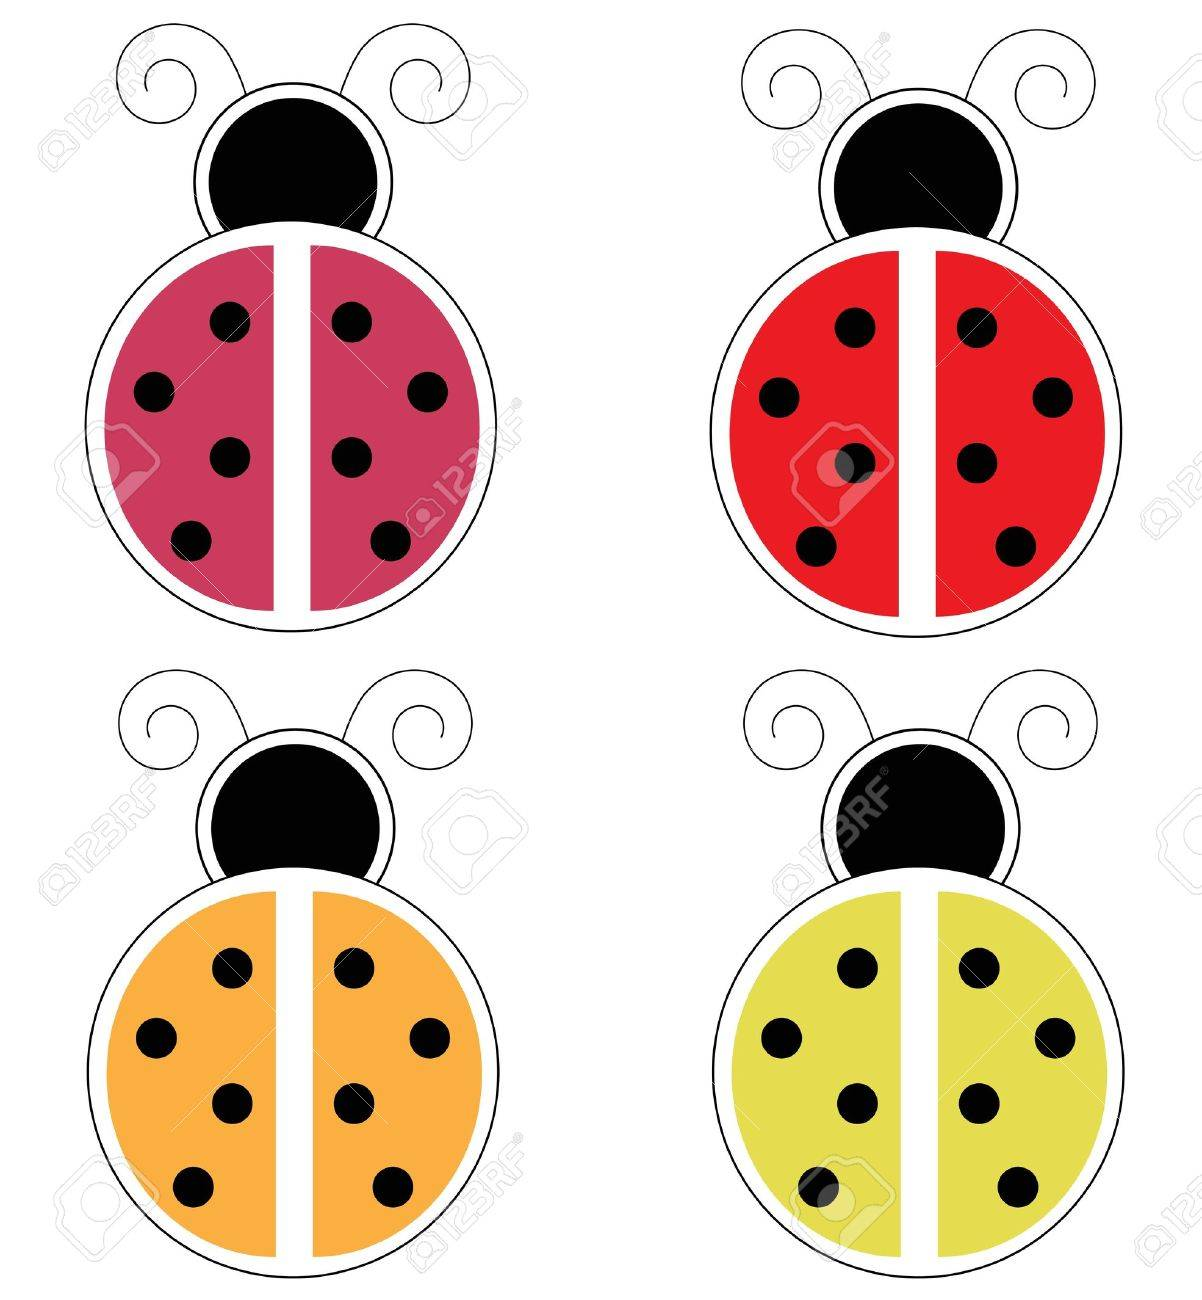 Ladybugs Stock Vector - 11085385